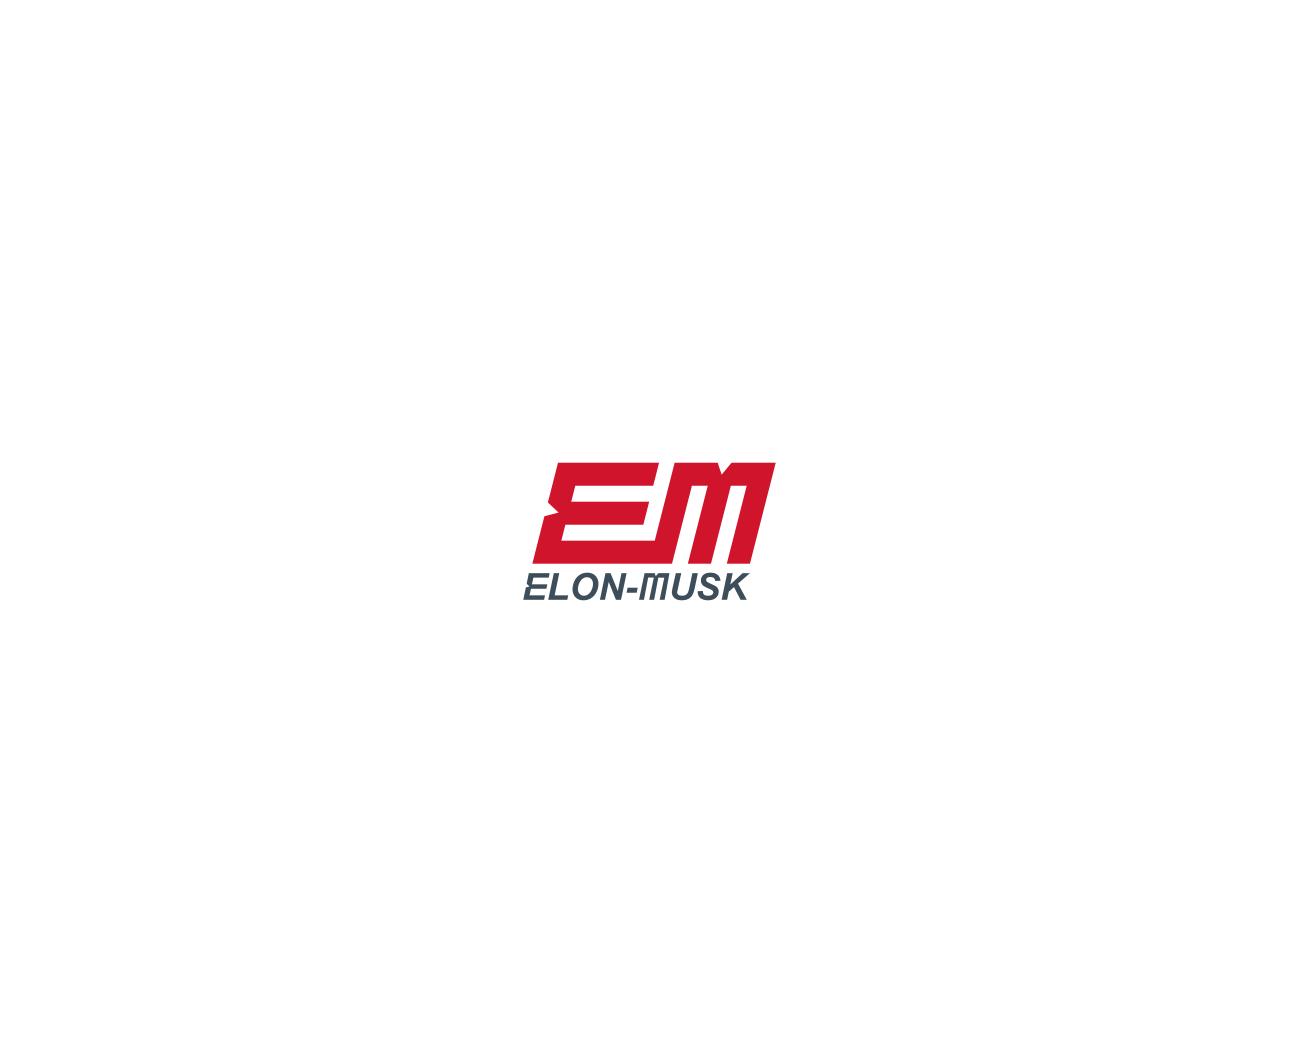 Логотип для новостного сайта  фото f_6425b6c8ab72e698.png